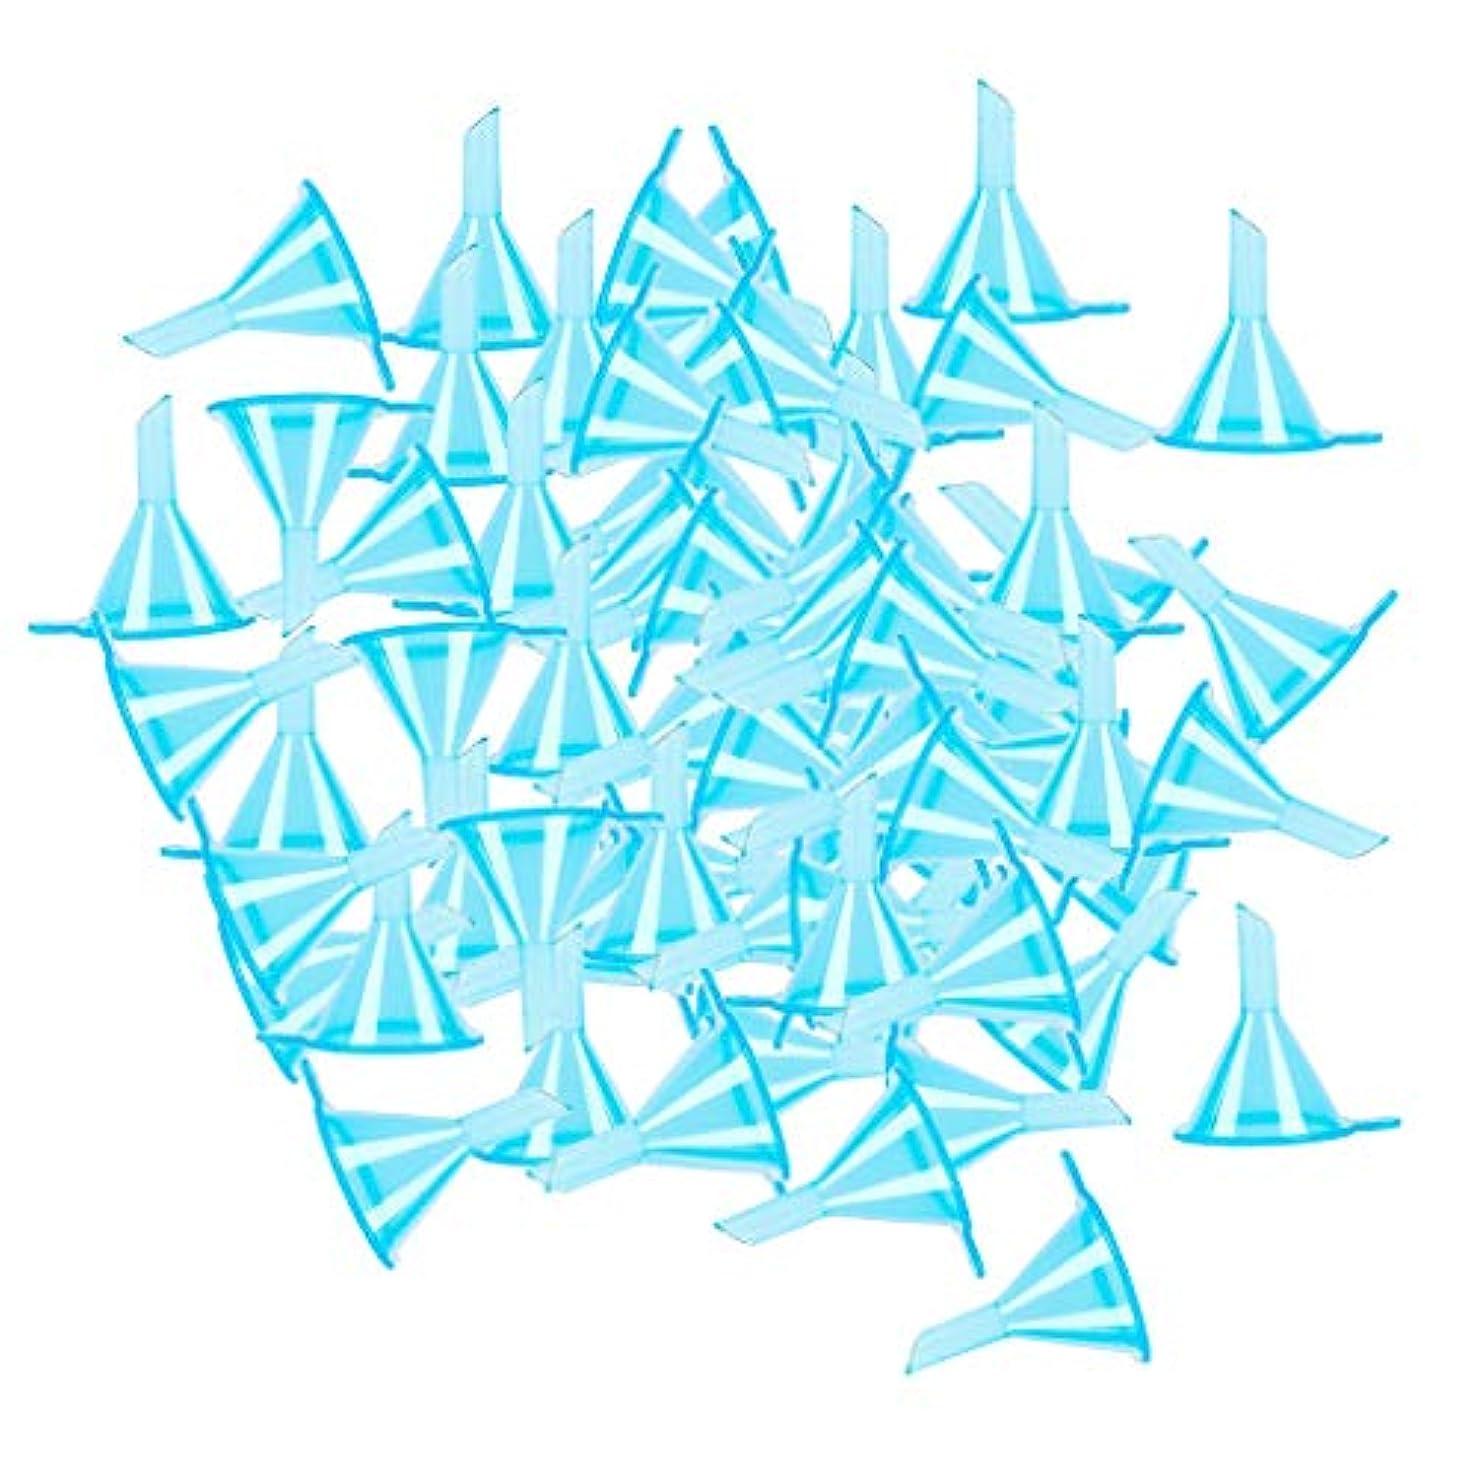 チョコレート肌寒い論文100個入り 小分けツール ミニ ファンネル エッセンシャルオイル 液体 香水用 全3色 - ブルー